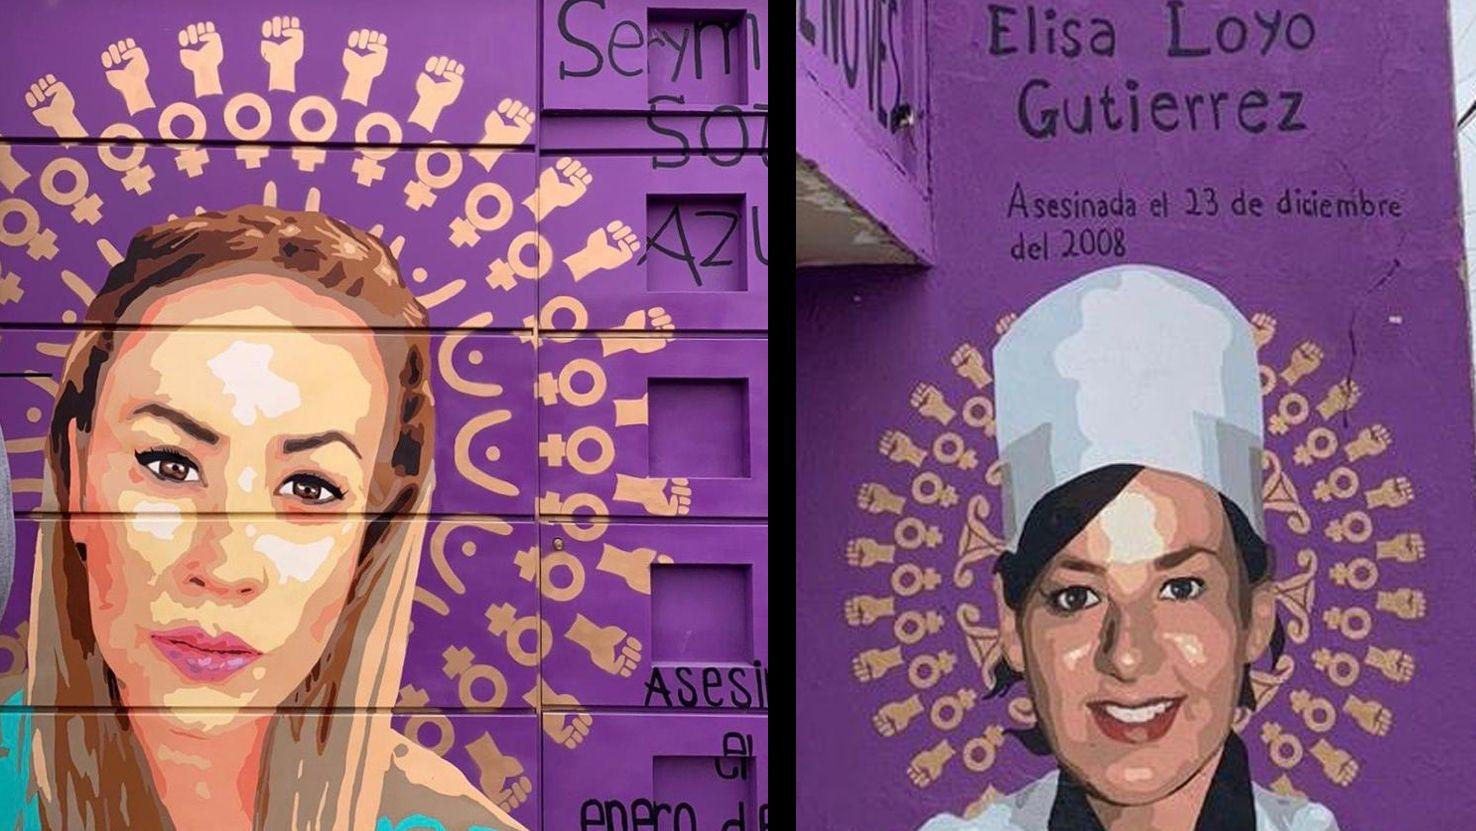 Zehn Frauen werden jeden Tag in Mexiko ermordet, zwei von ihnen sind Serymar und Elisa.